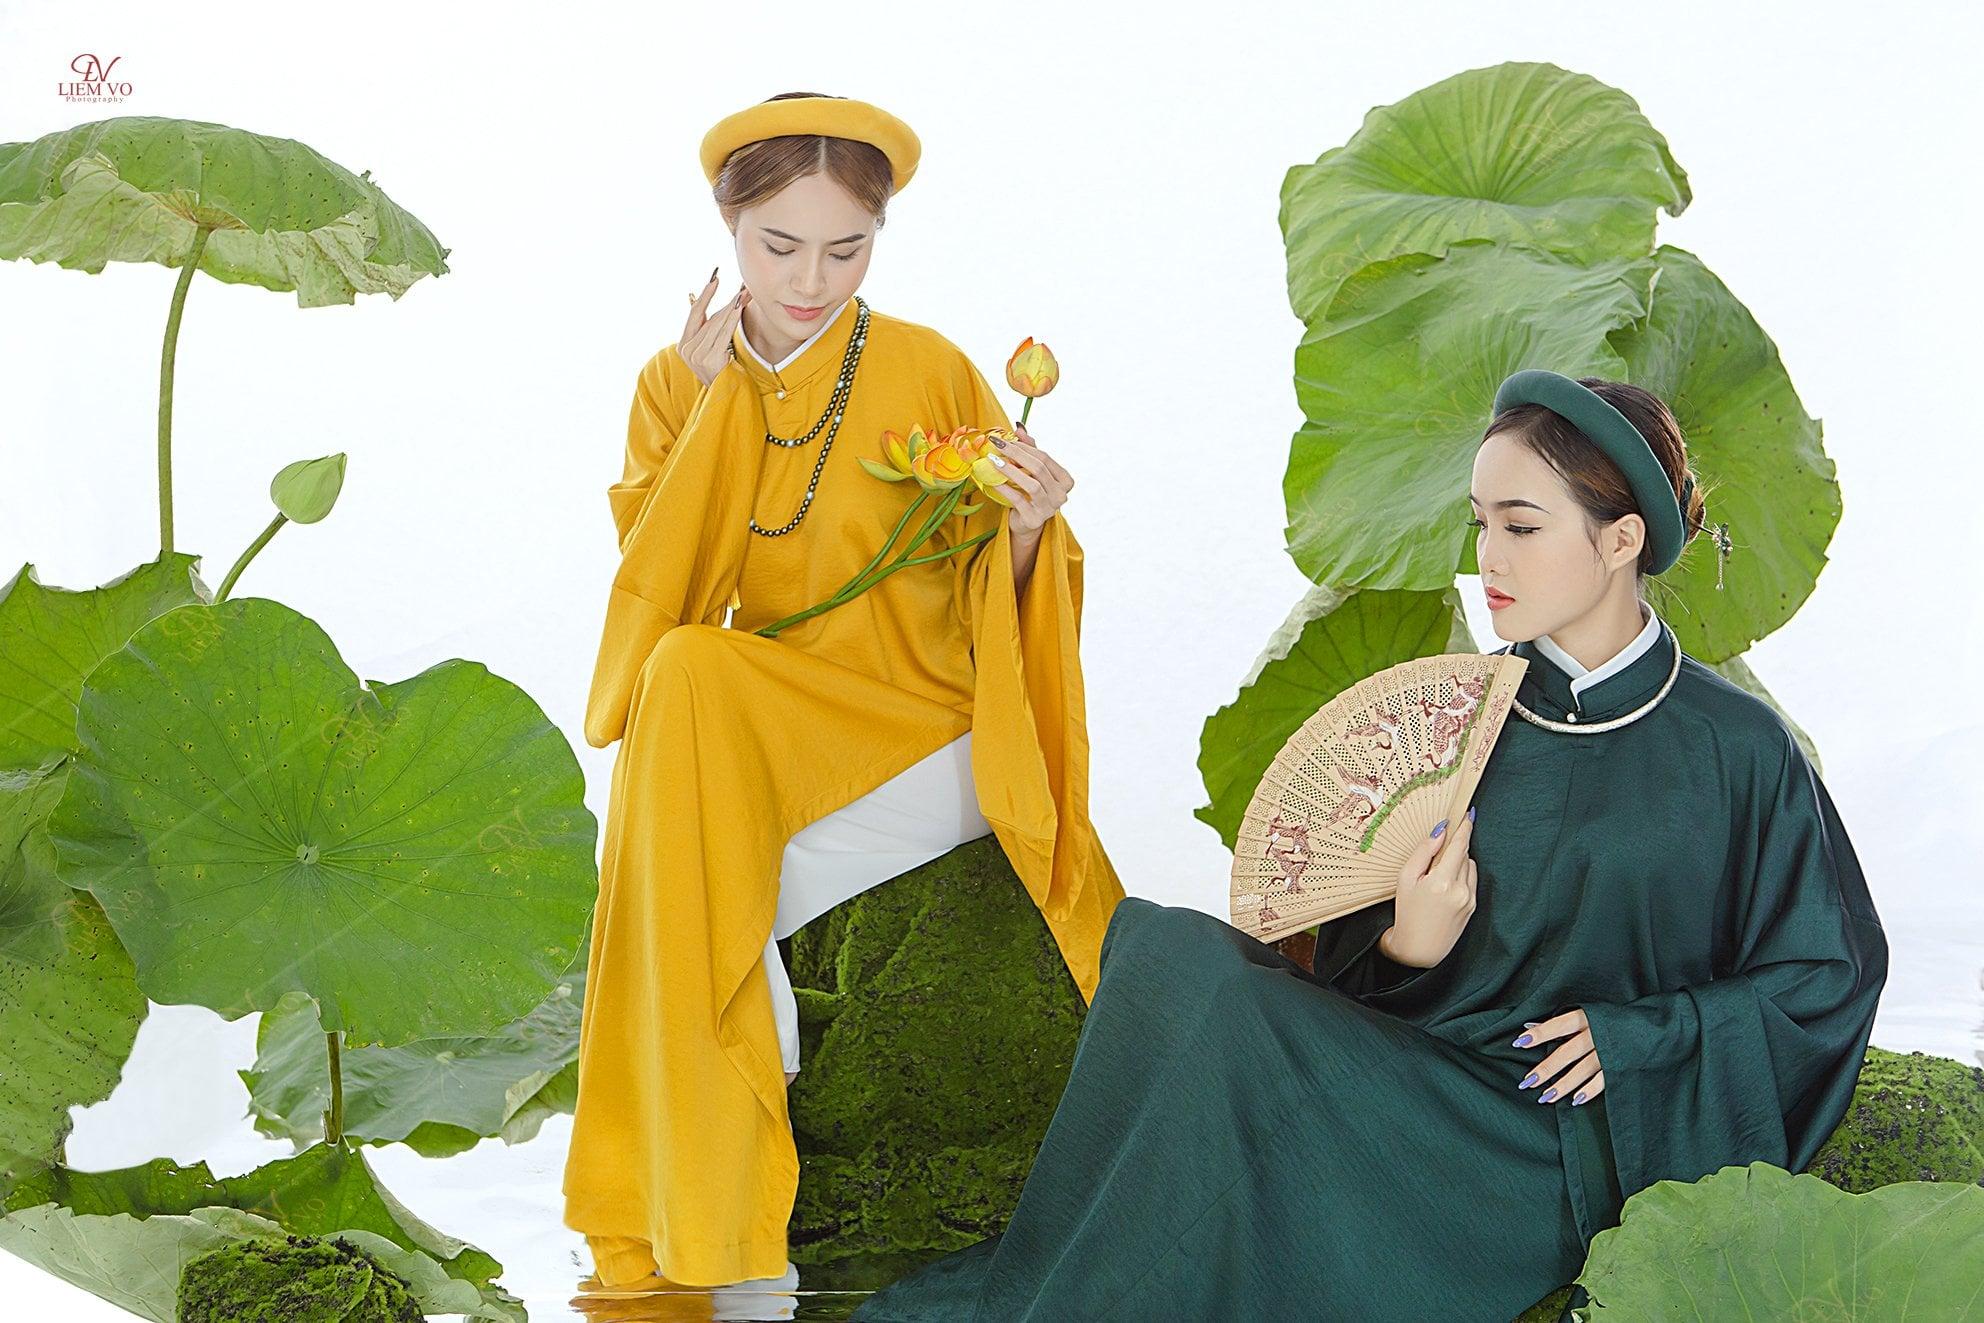 Chụp ảnh Việt Phục tại hcm